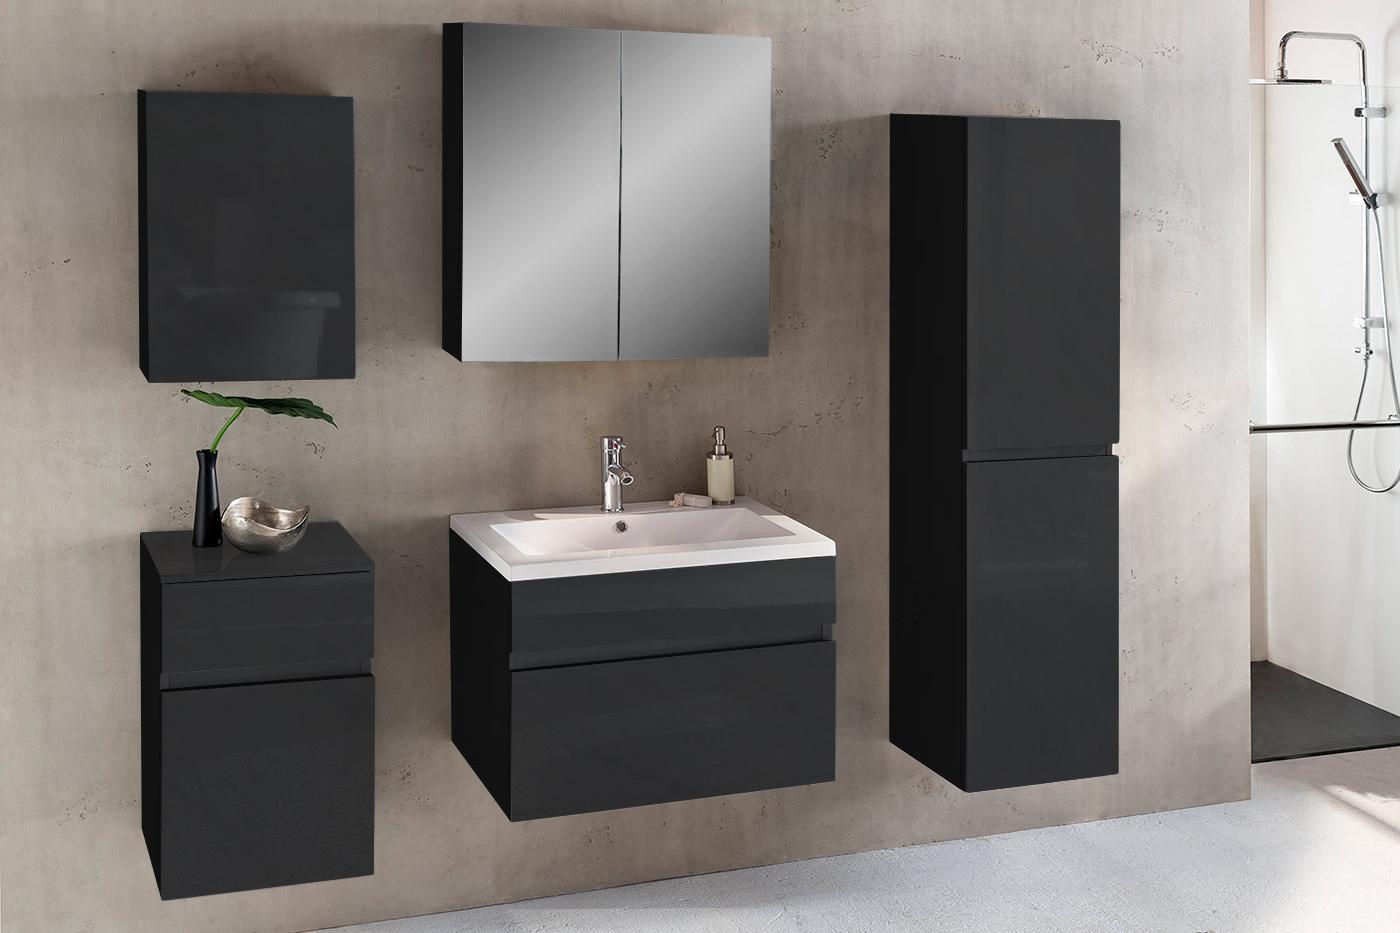 Sam® badezimmermöbel parma 5tlg schwarz hochglanz 80 cm demnächst !